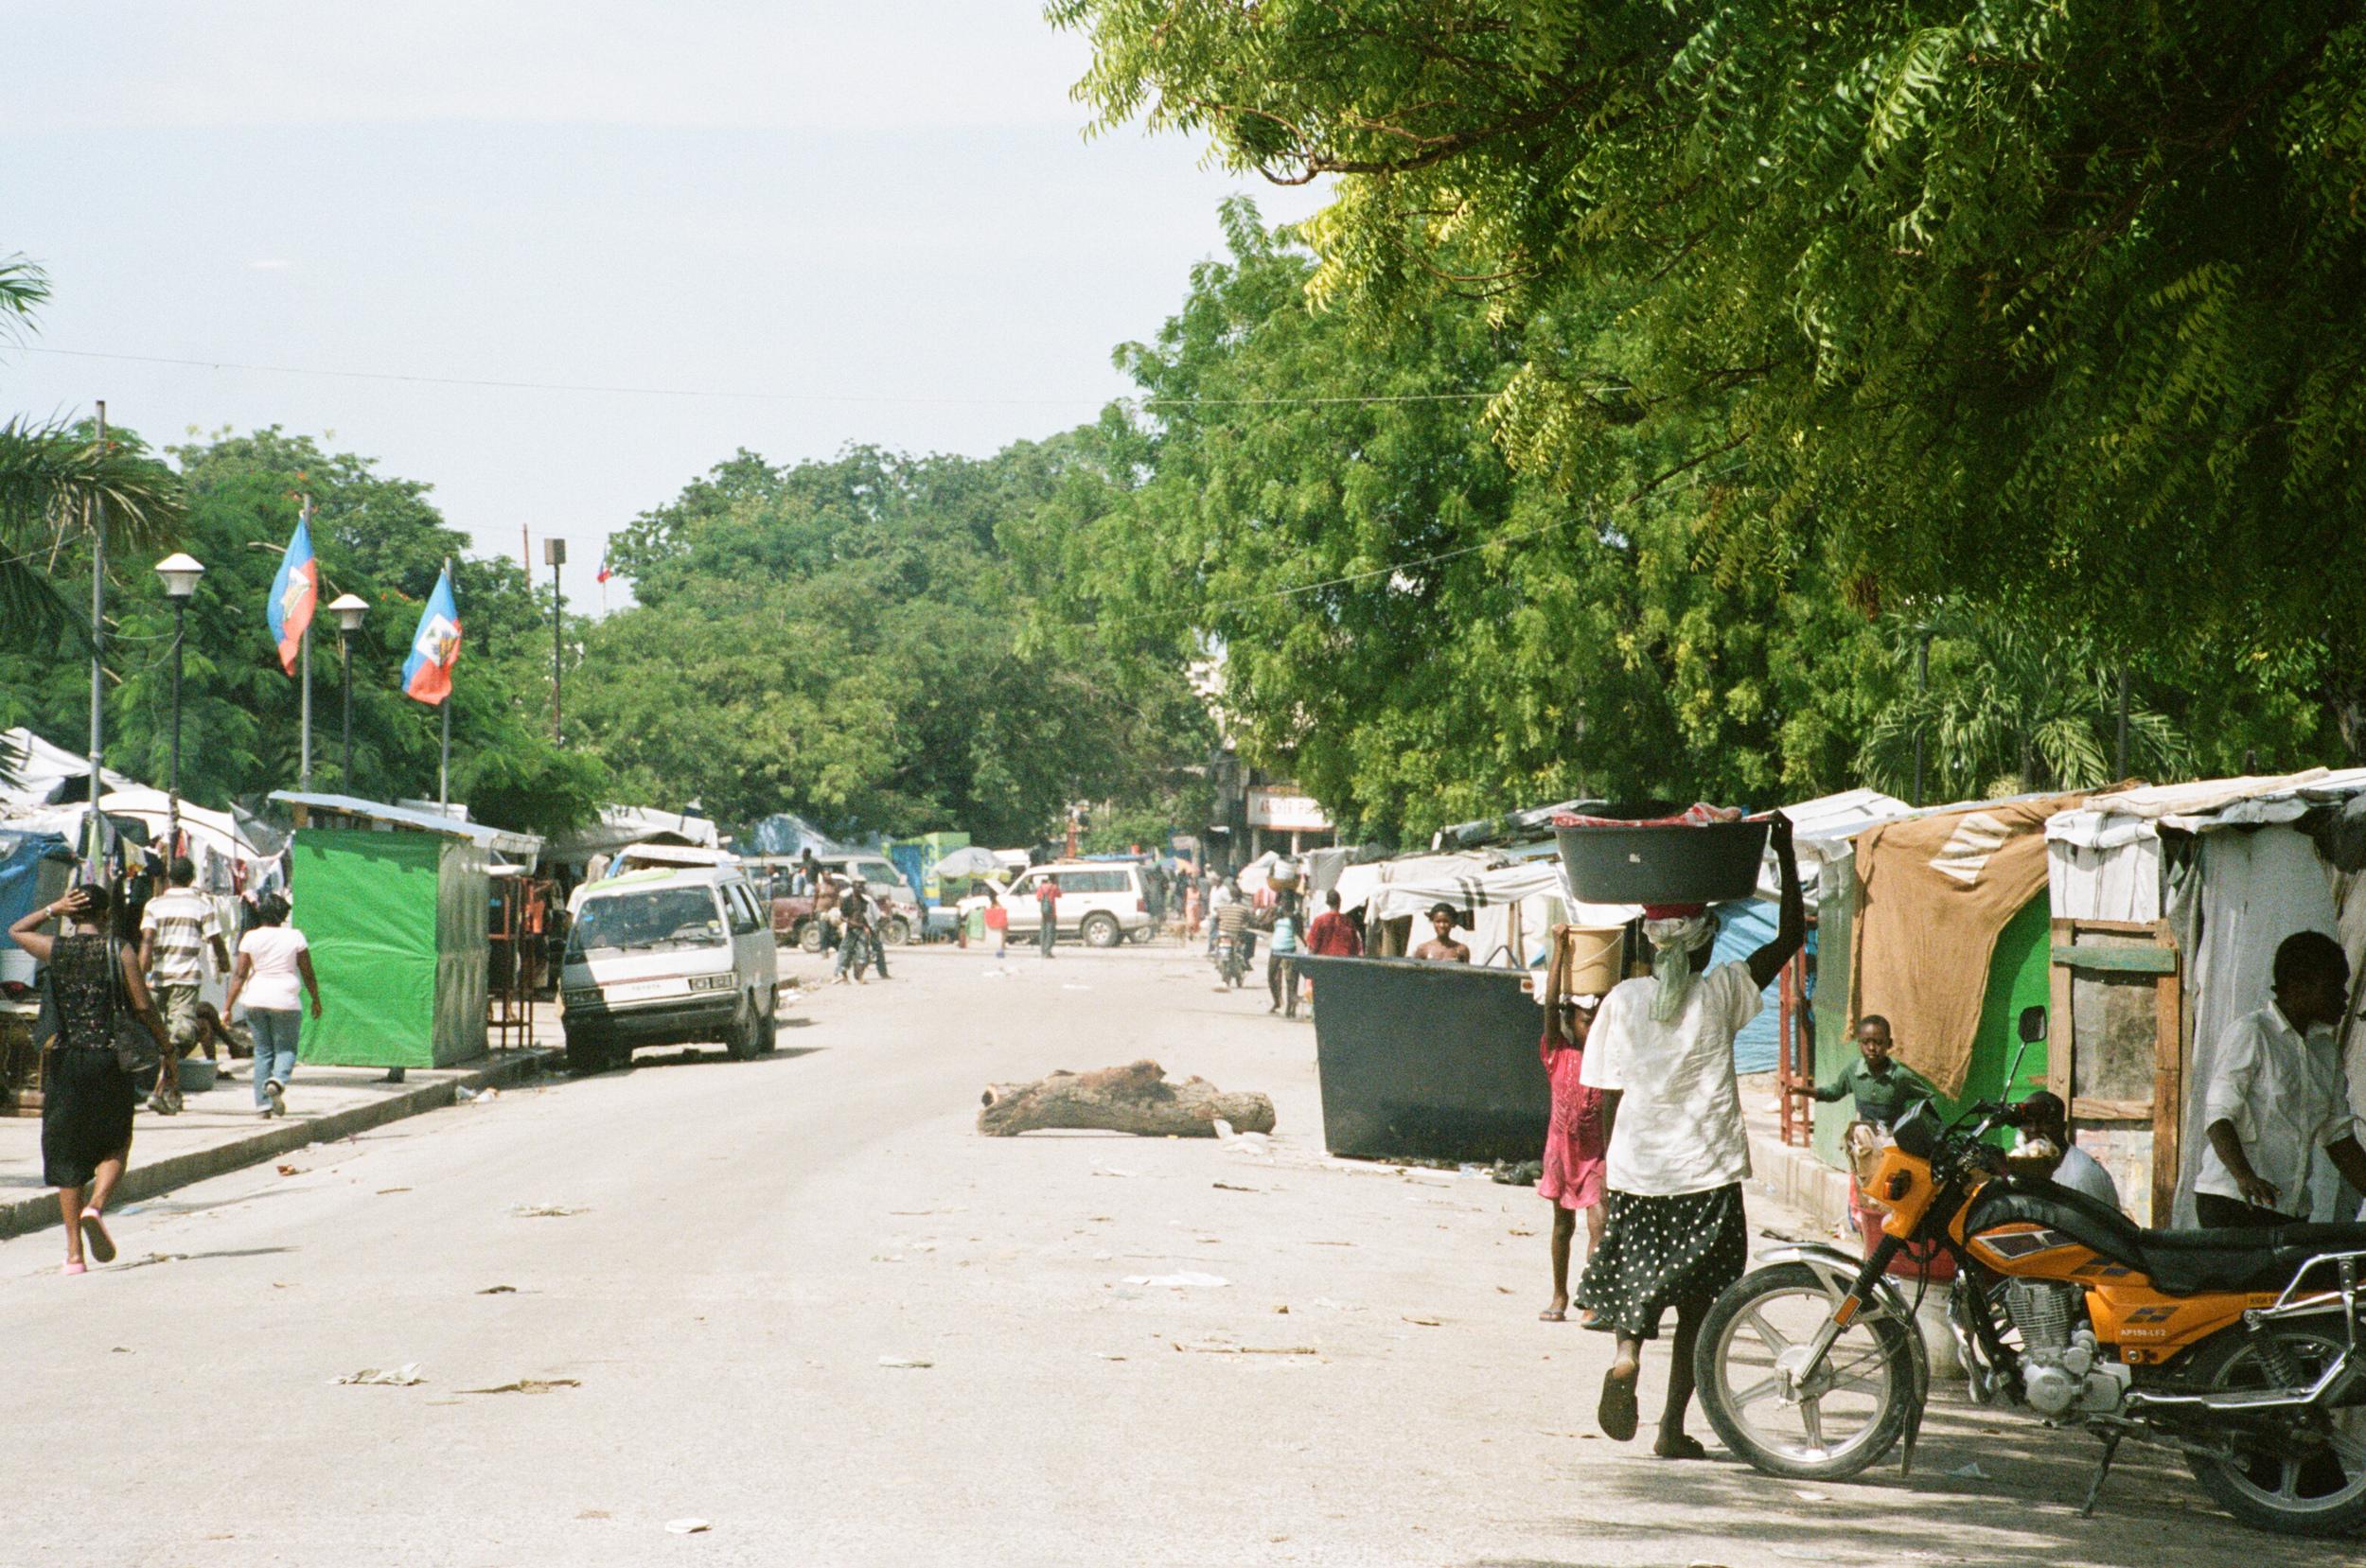 haiti020-759805030008.jpg